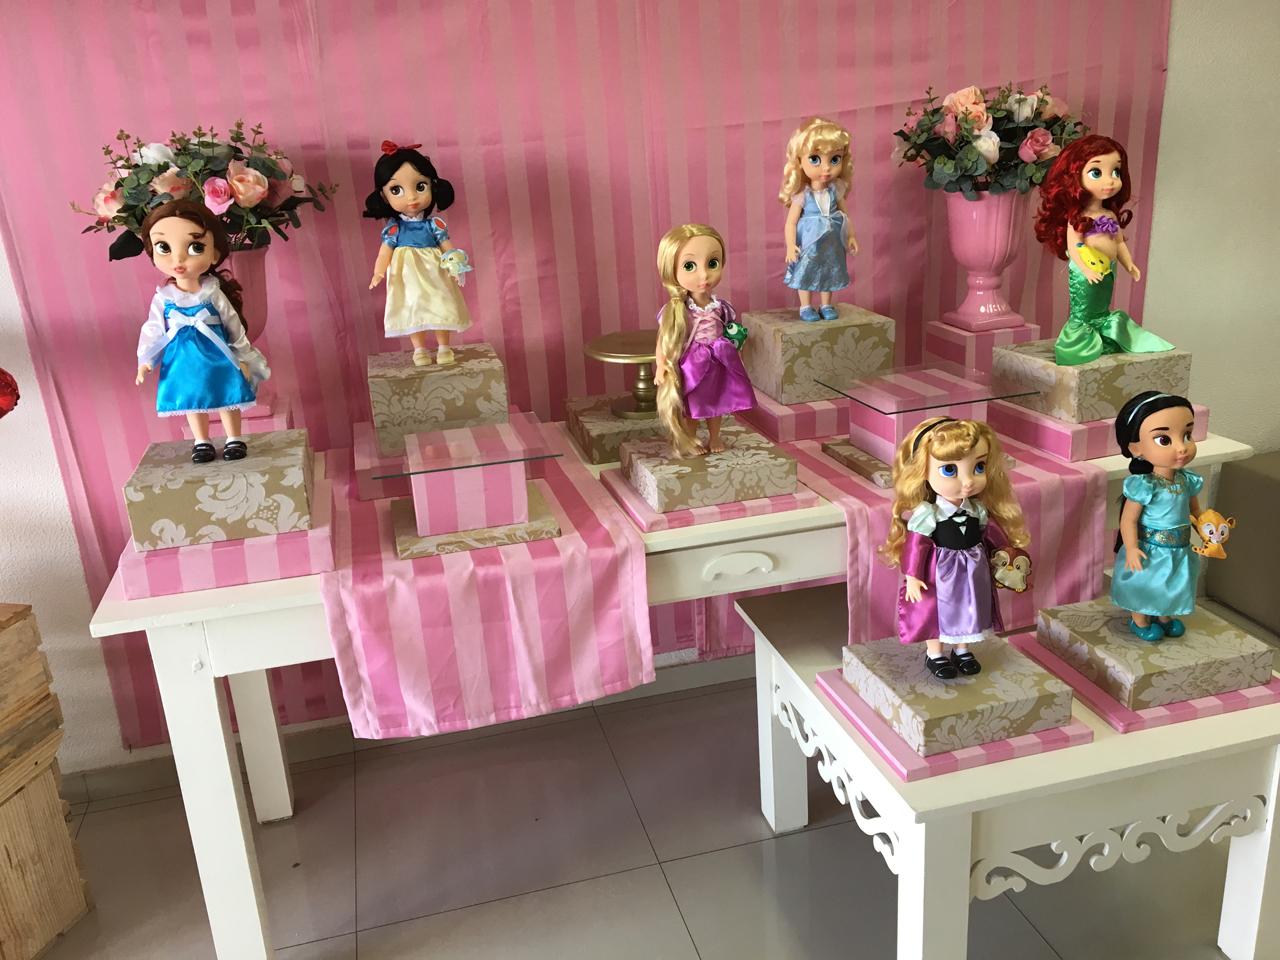 Você está visualizando as imagens da galeria: Princesas